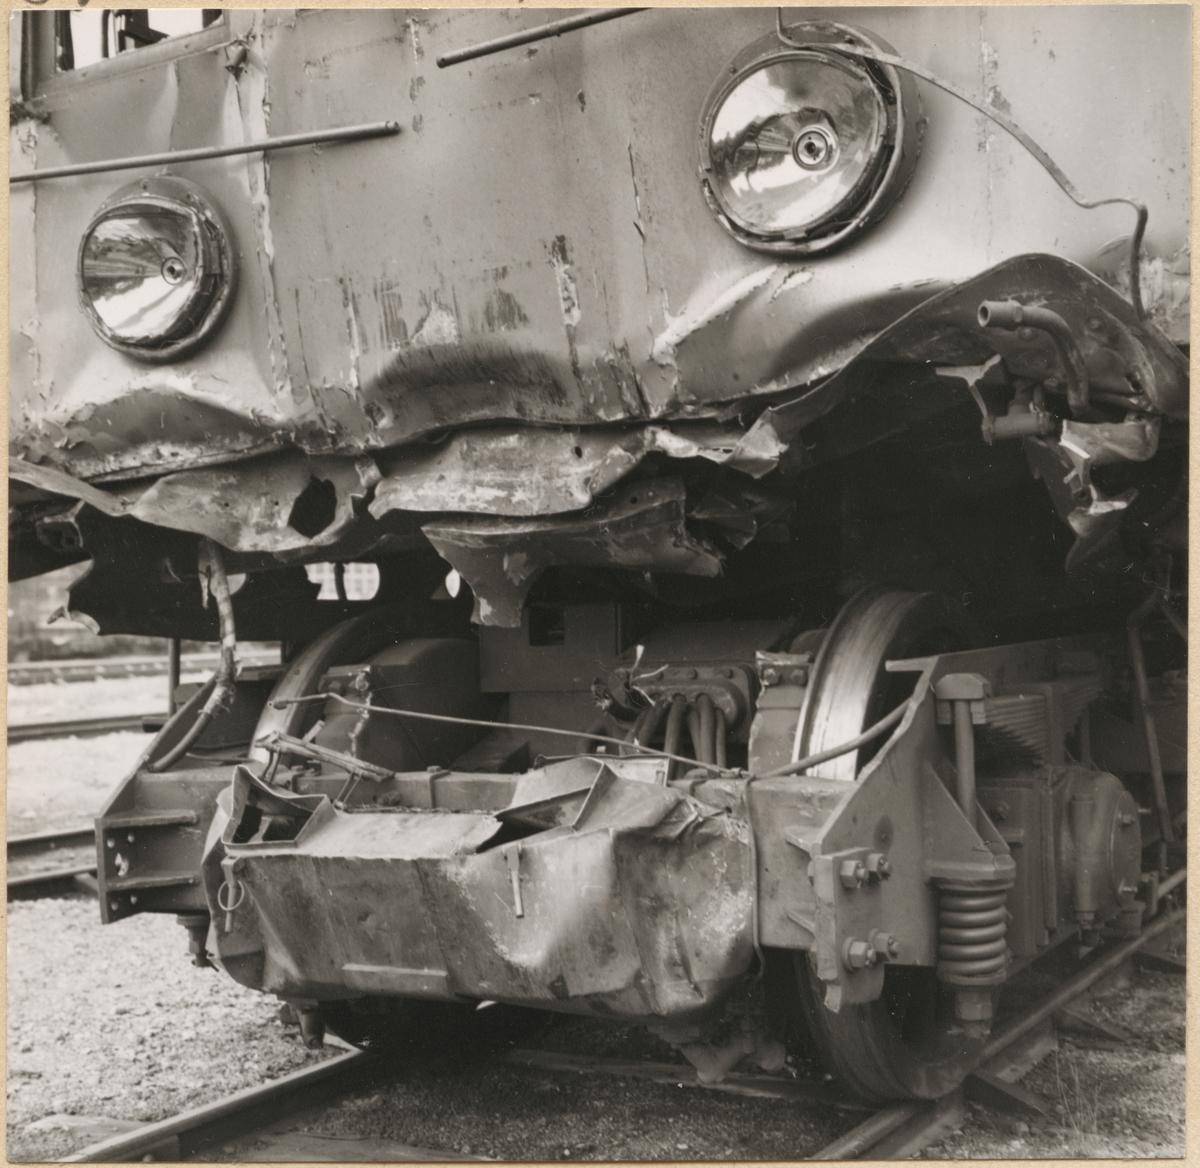 Statens Järnvägar, SJ Bk 748 skador efter kollision i Södertälje 1958.